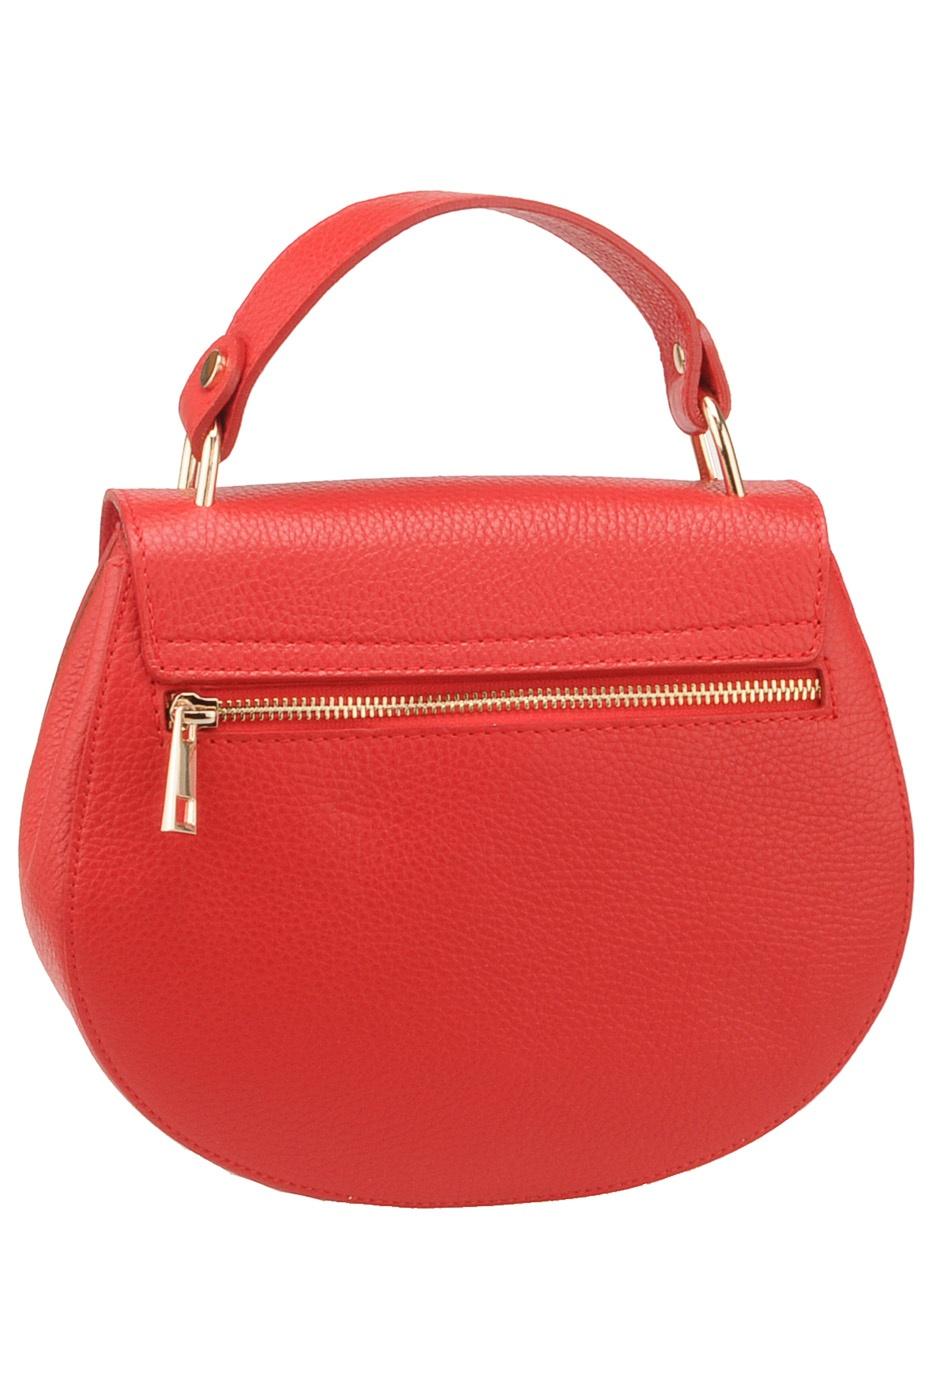 Кожаная сумочка FLORENCE BAGS новая